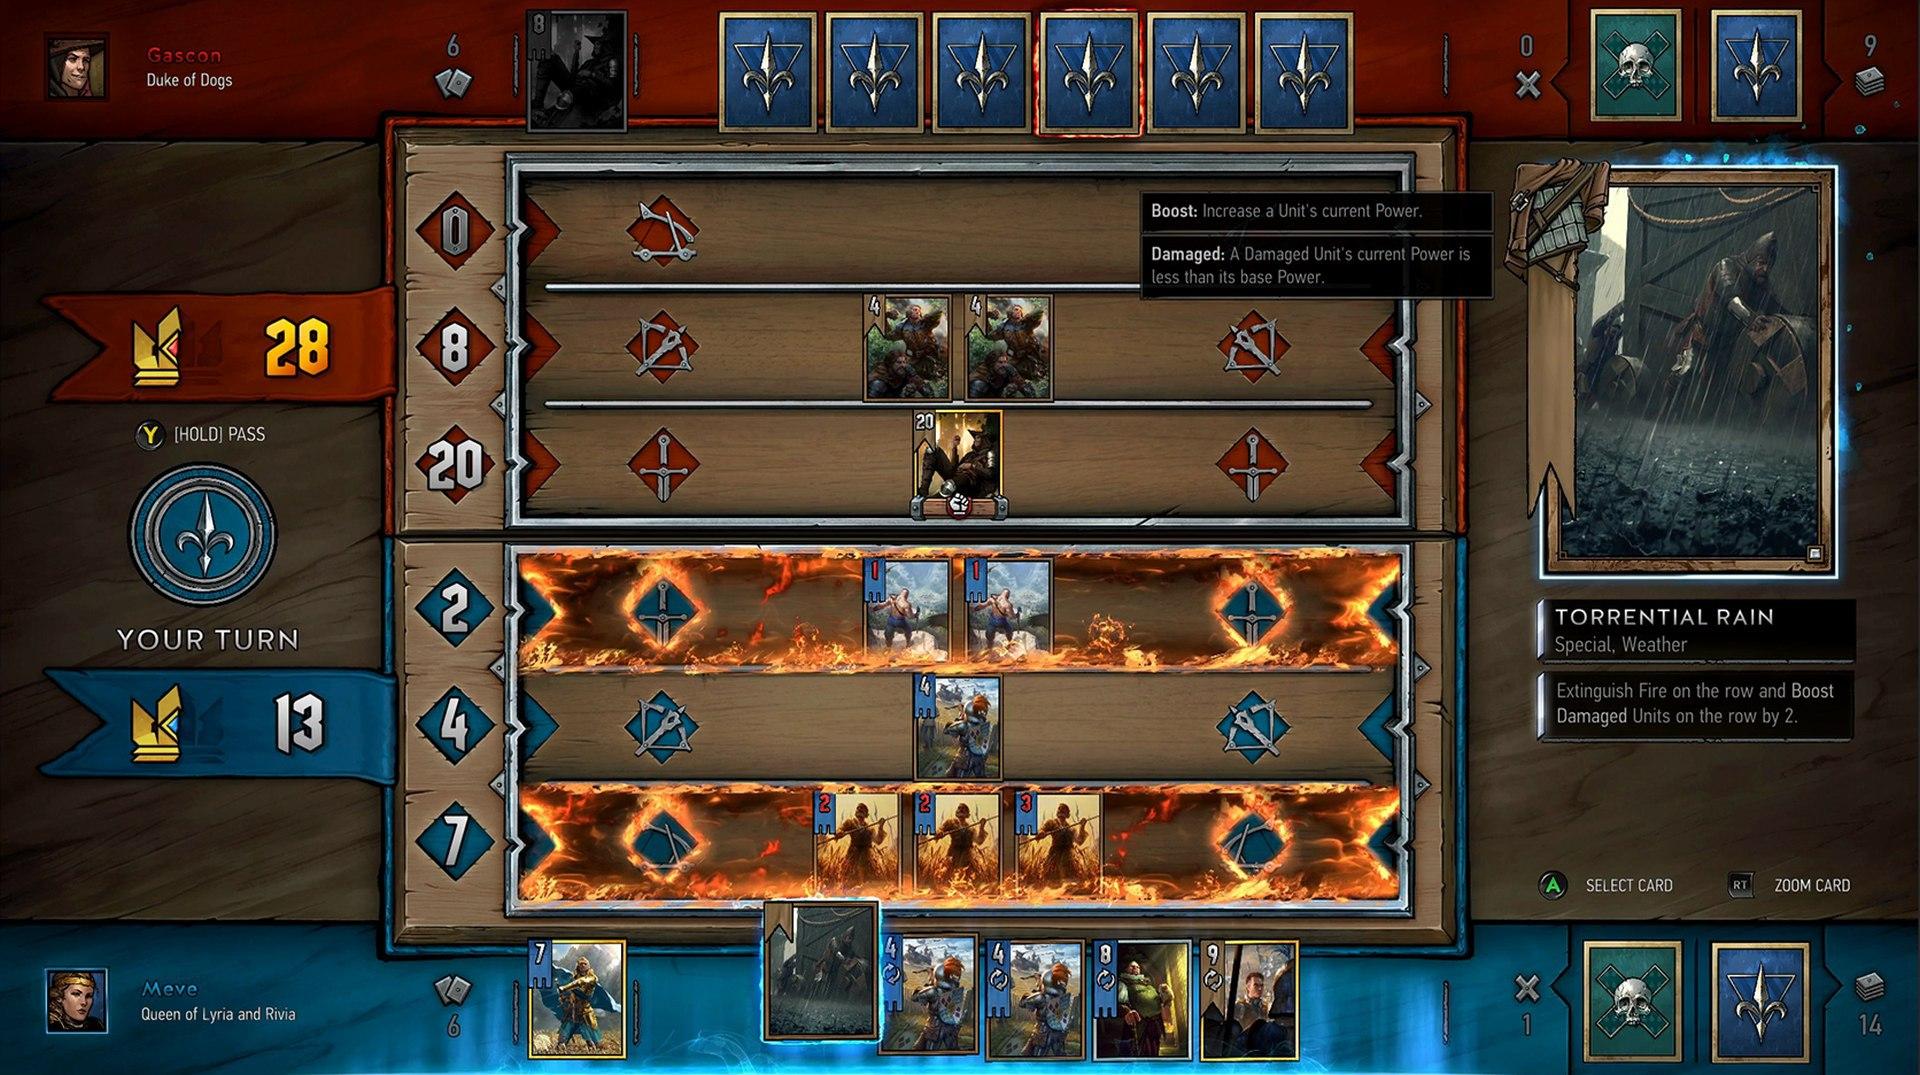 Singleplayerová kampaň Gwent: The Witcher Card Game se zaměří na královnu Meve 148839